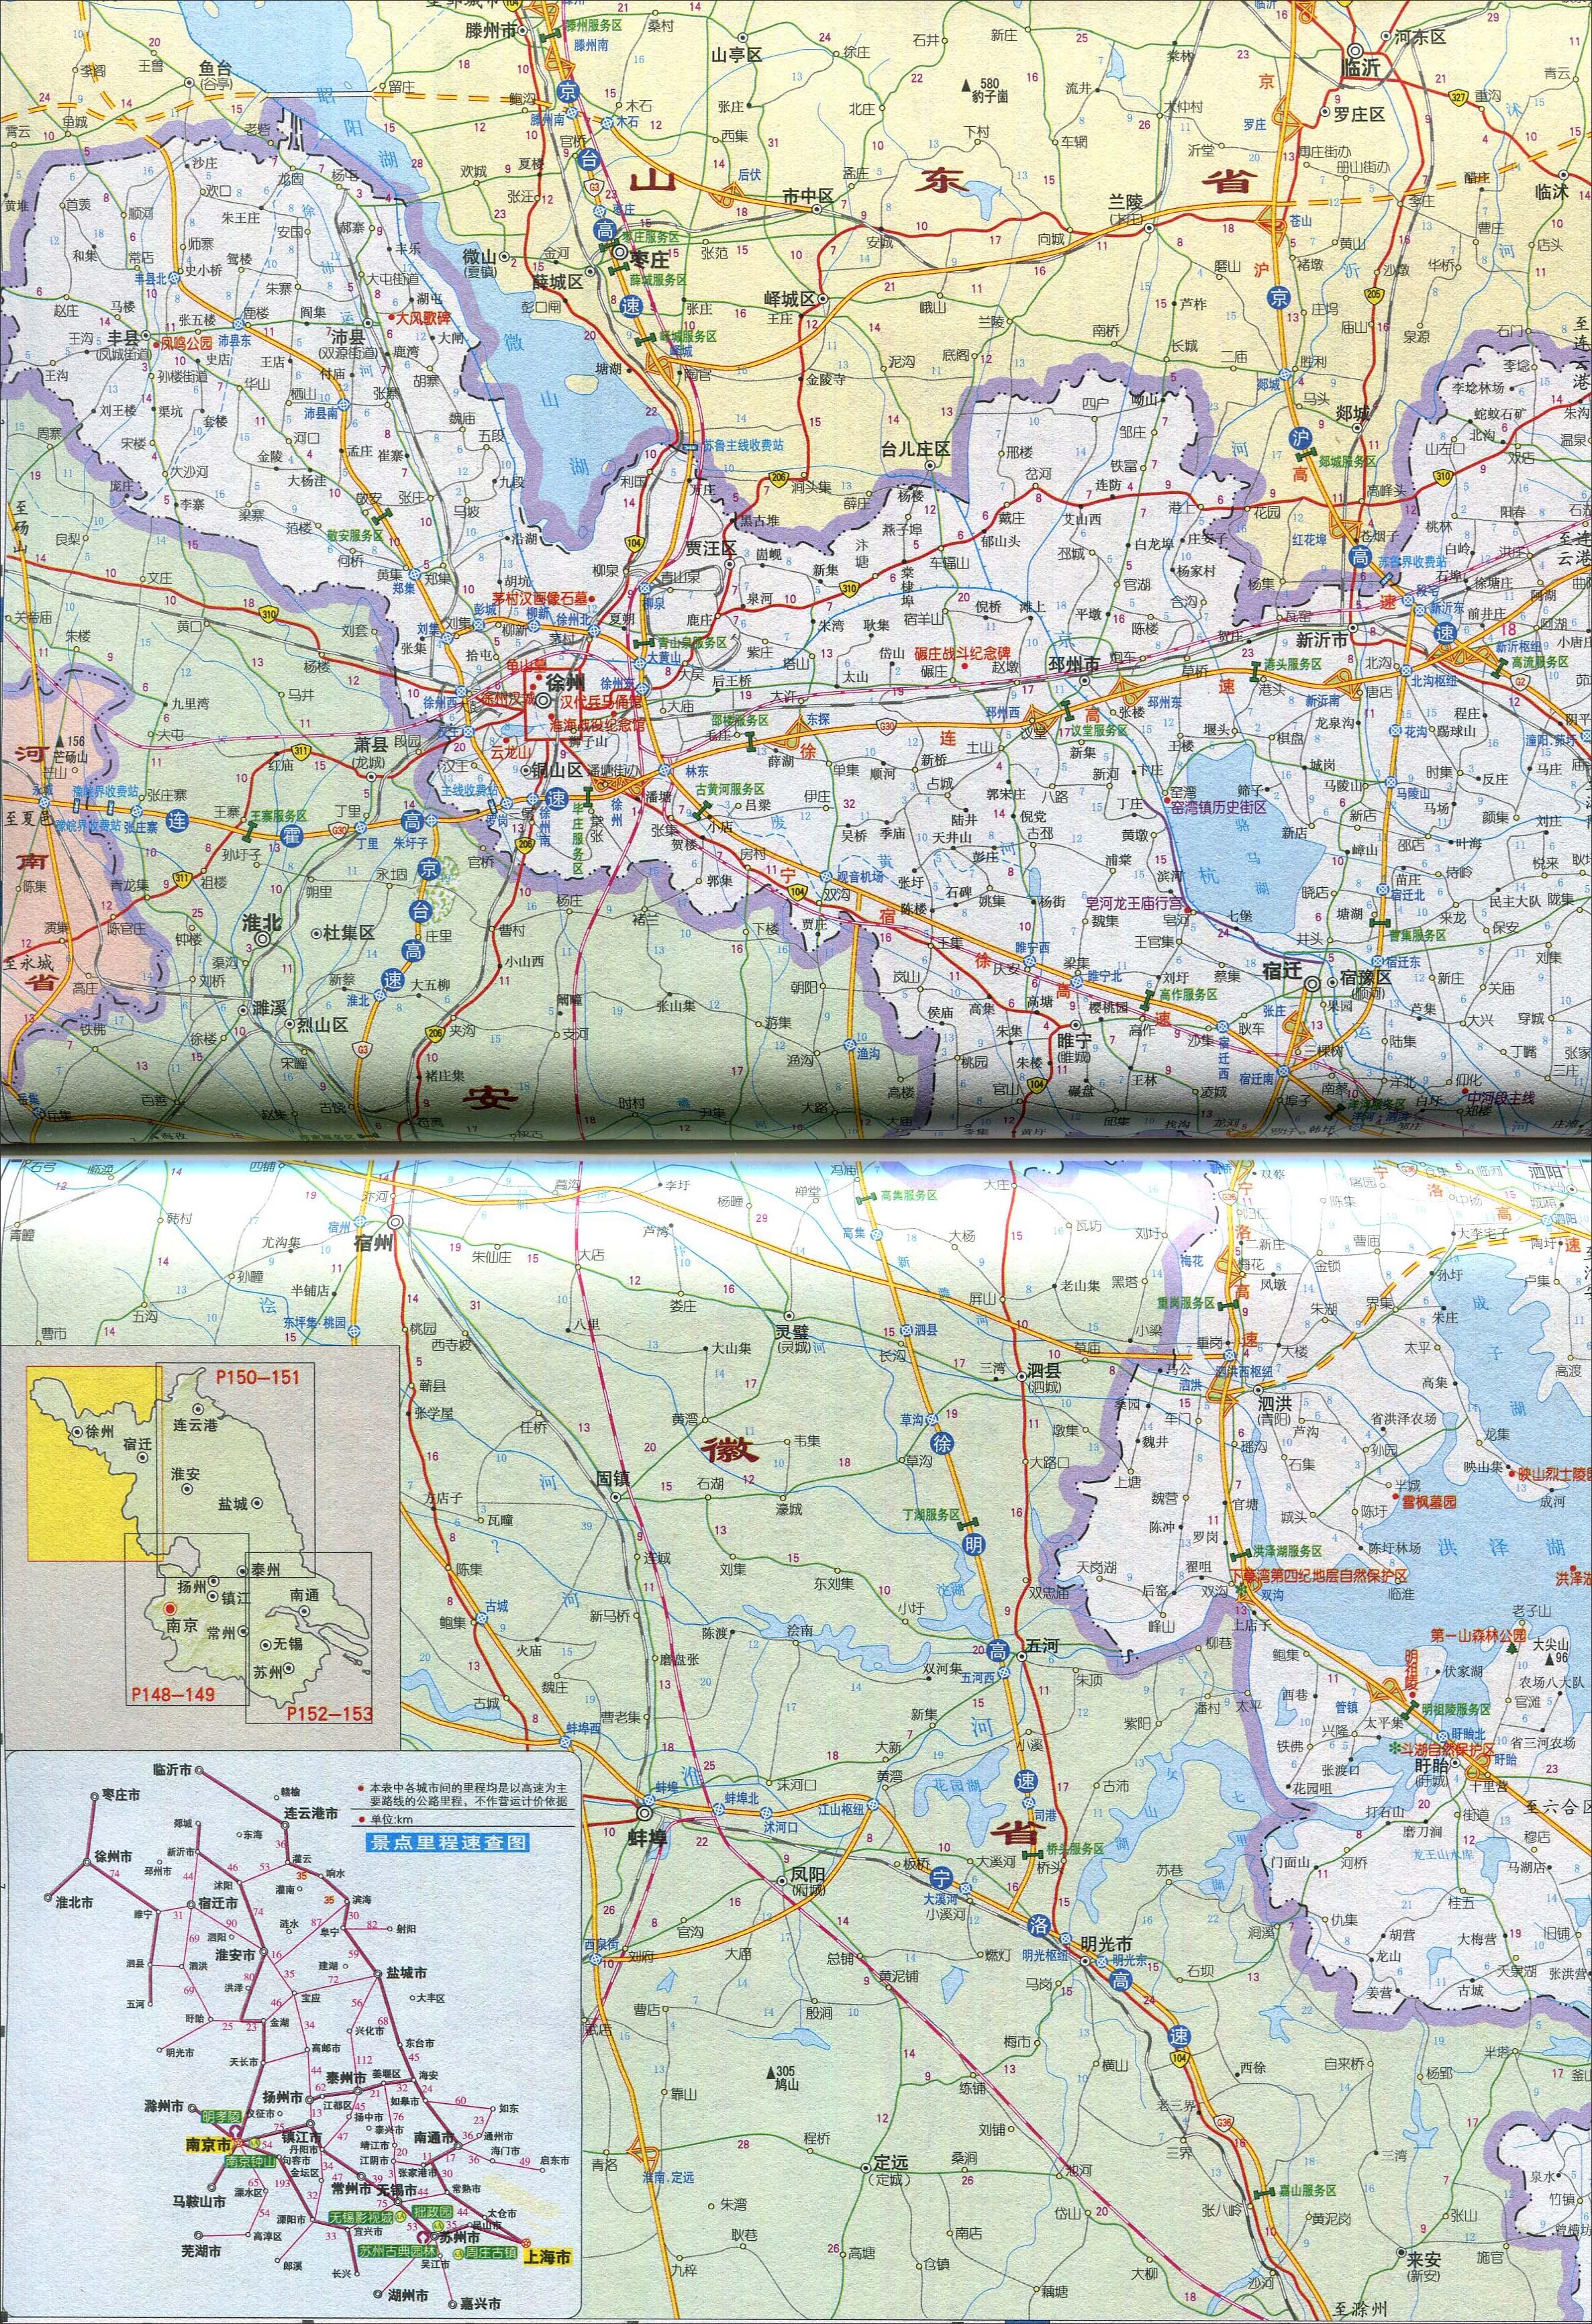 中国旅游景点图_江苏省西北部旅游交通地图_江苏旅游地图库_地图窝